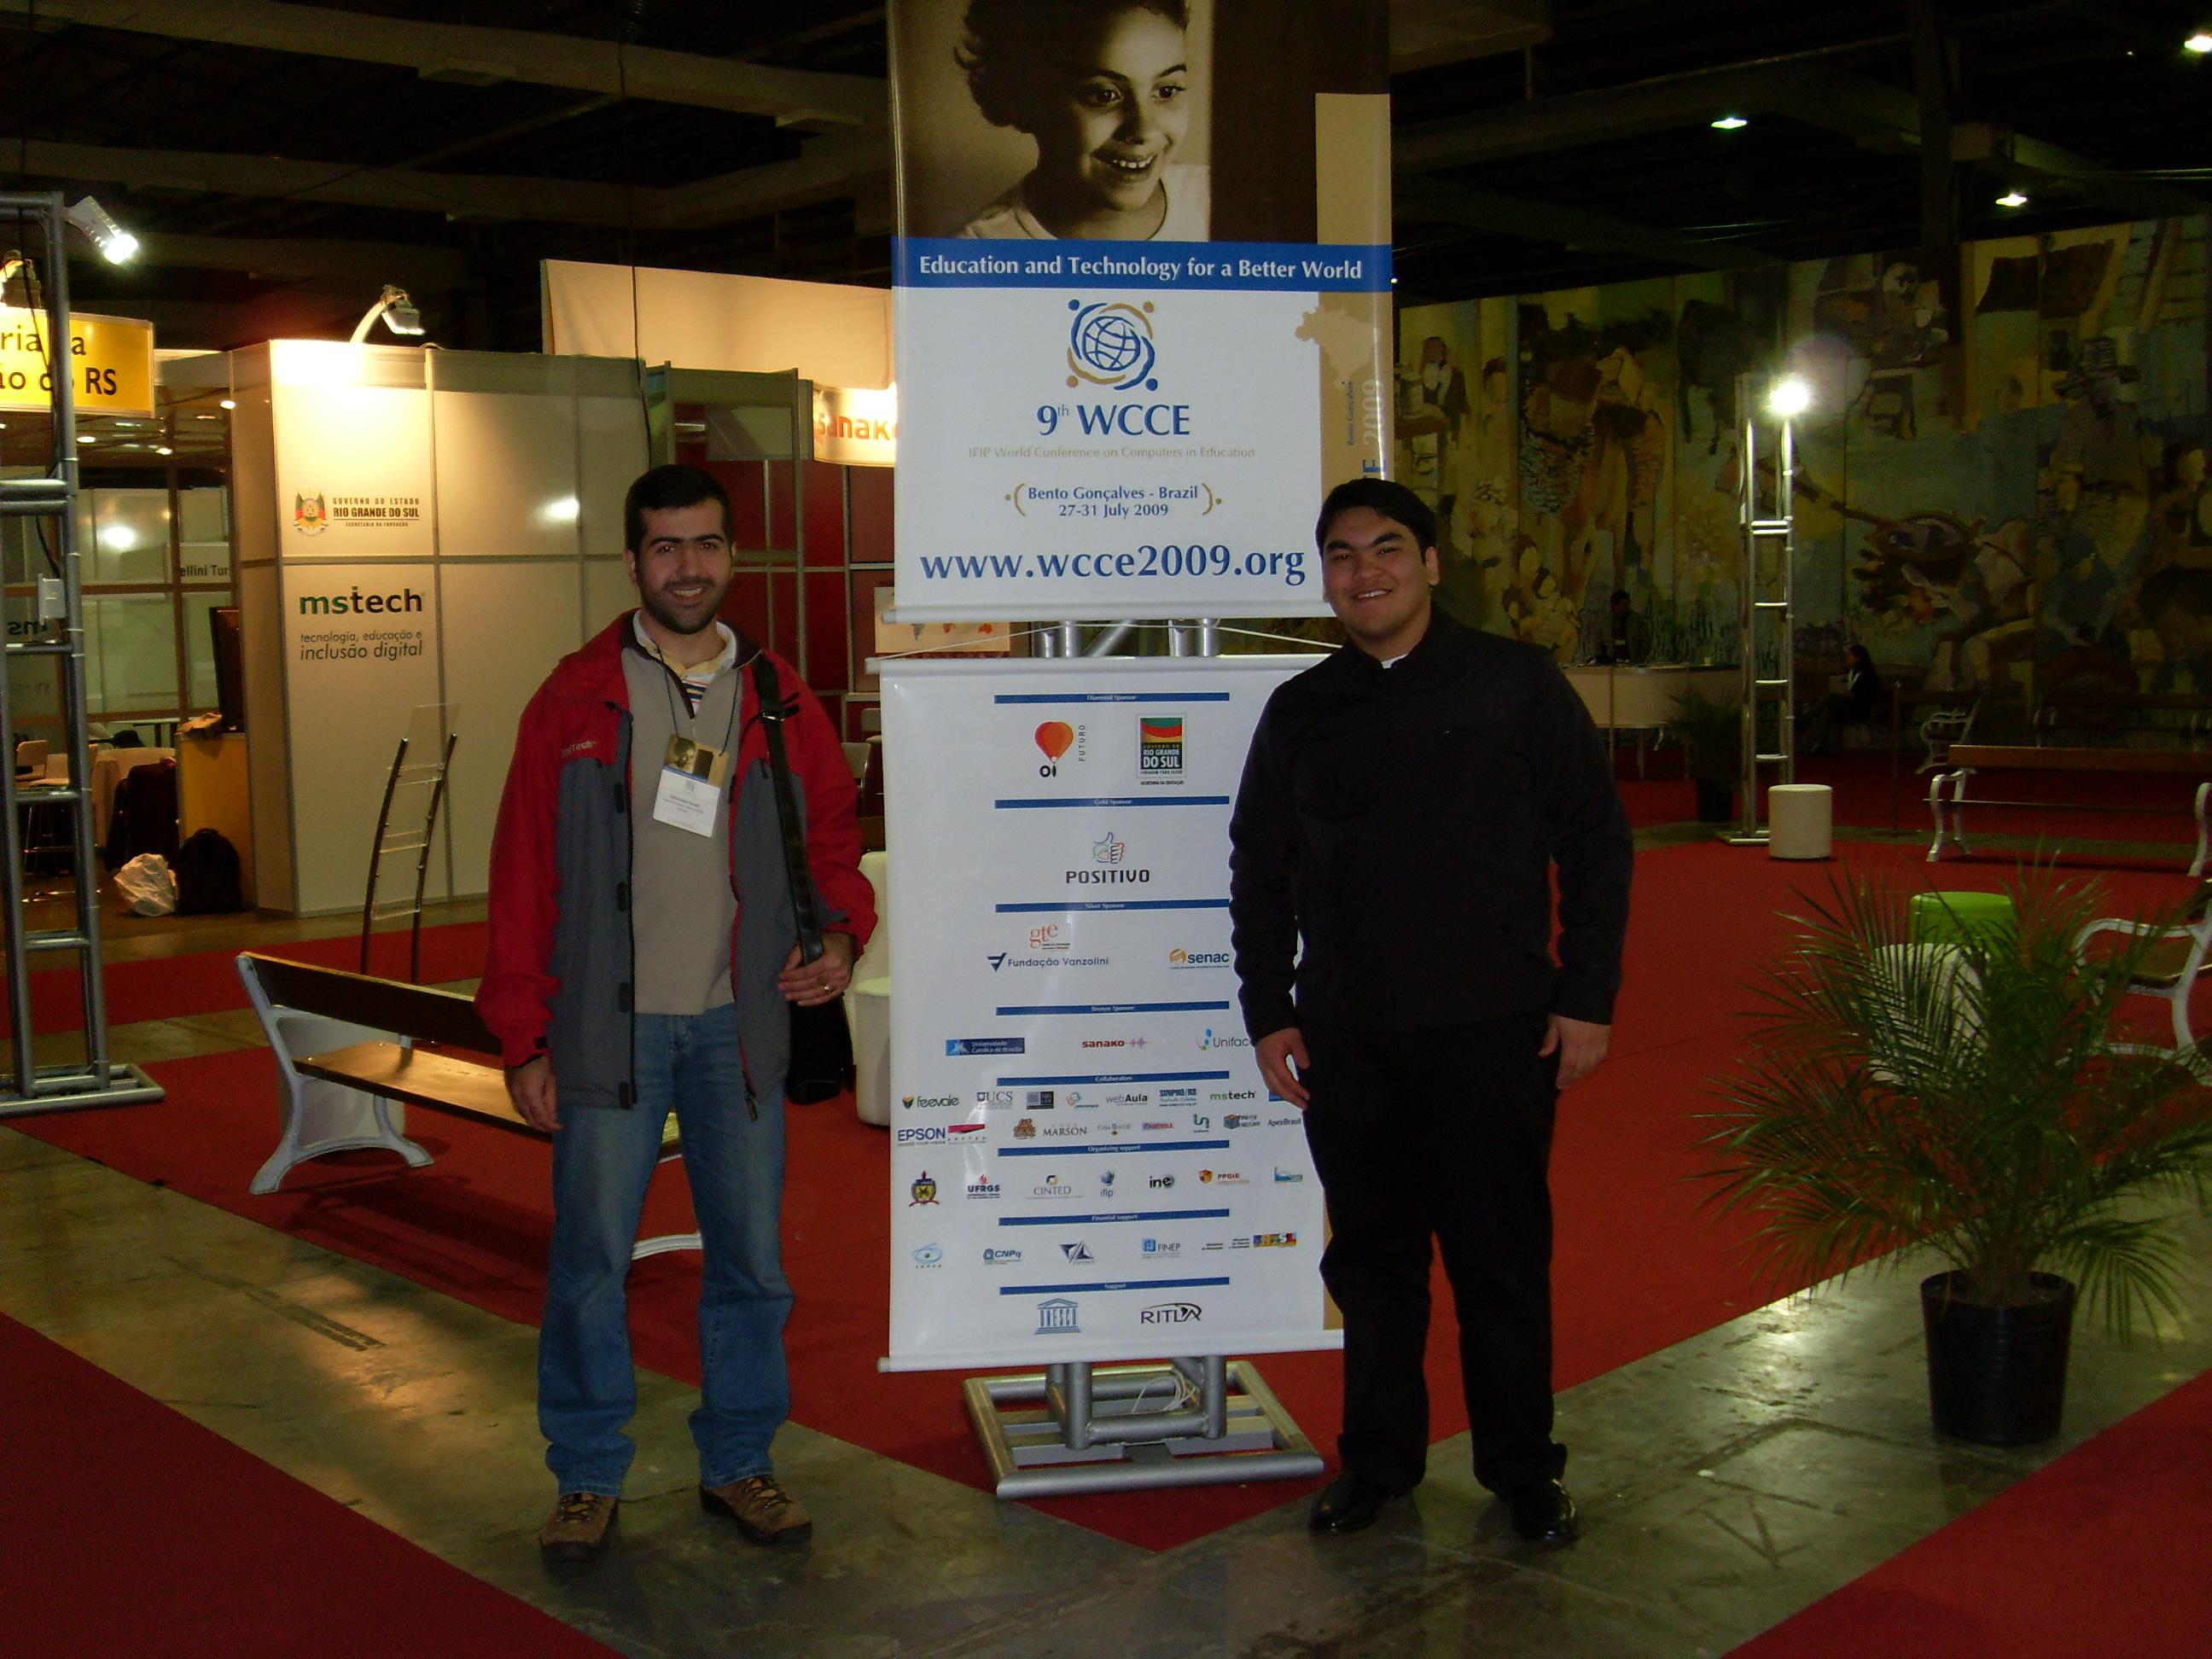 Participando do evento